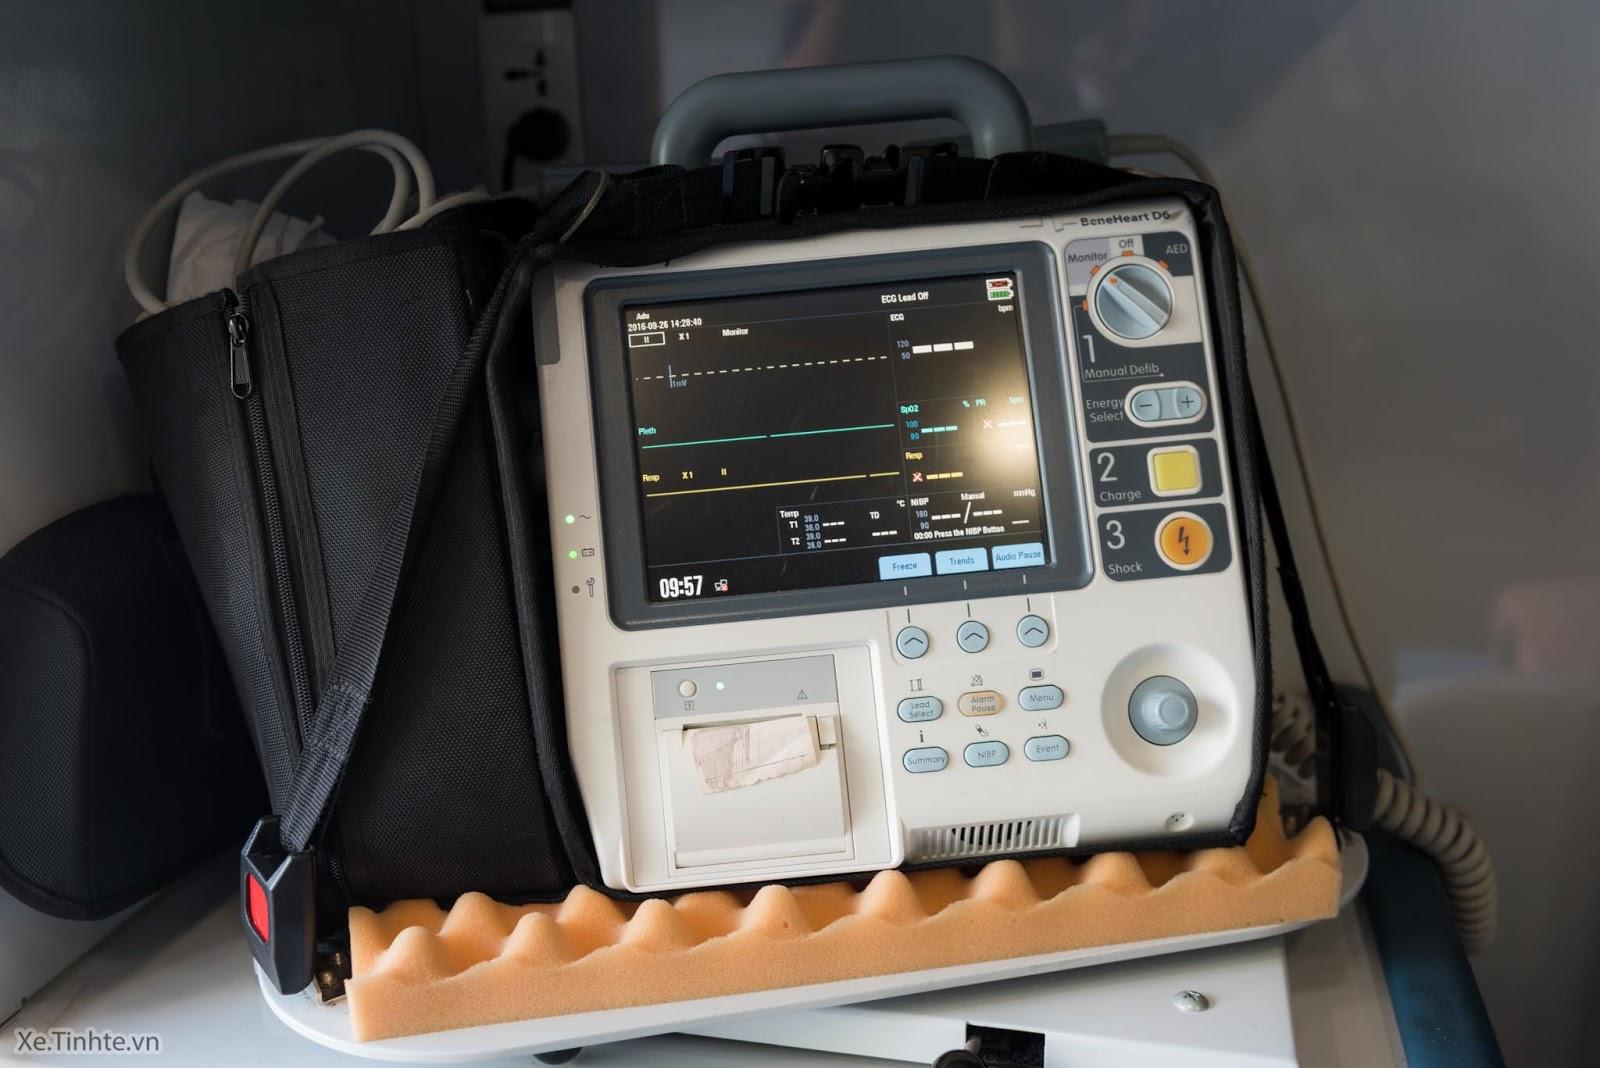 Dịch vụ xe cấp cứu Star 9999 tại TP.HCM bạn đã biết Dich vu cap cuu Star9999 14